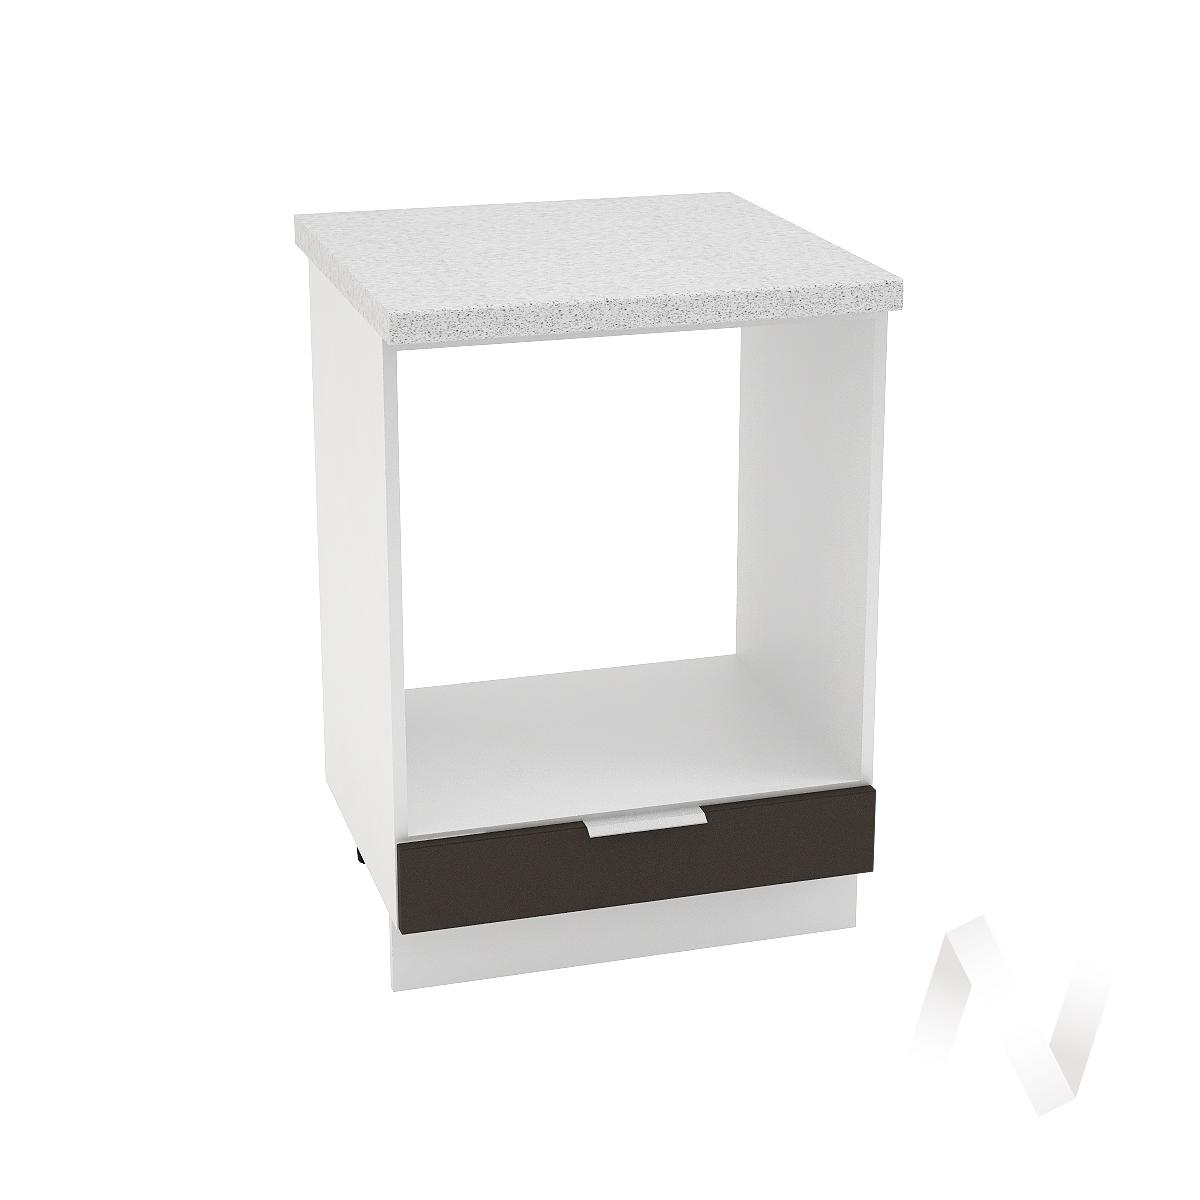 """Кухня """"Терра"""": Шкаф нижний под духовку 600, ШНД 600 (смоки софт/корпус белый)"""